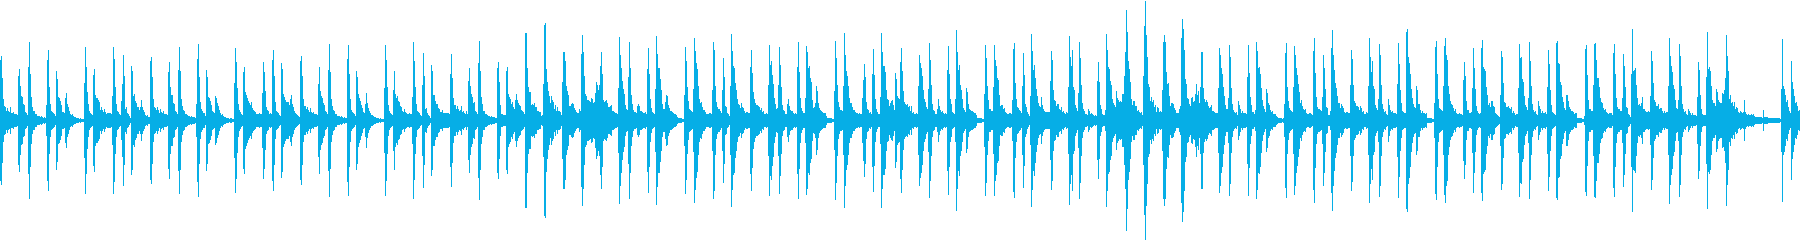 可愛らしいリズムをメインにしたサウンドの再生済みの波形